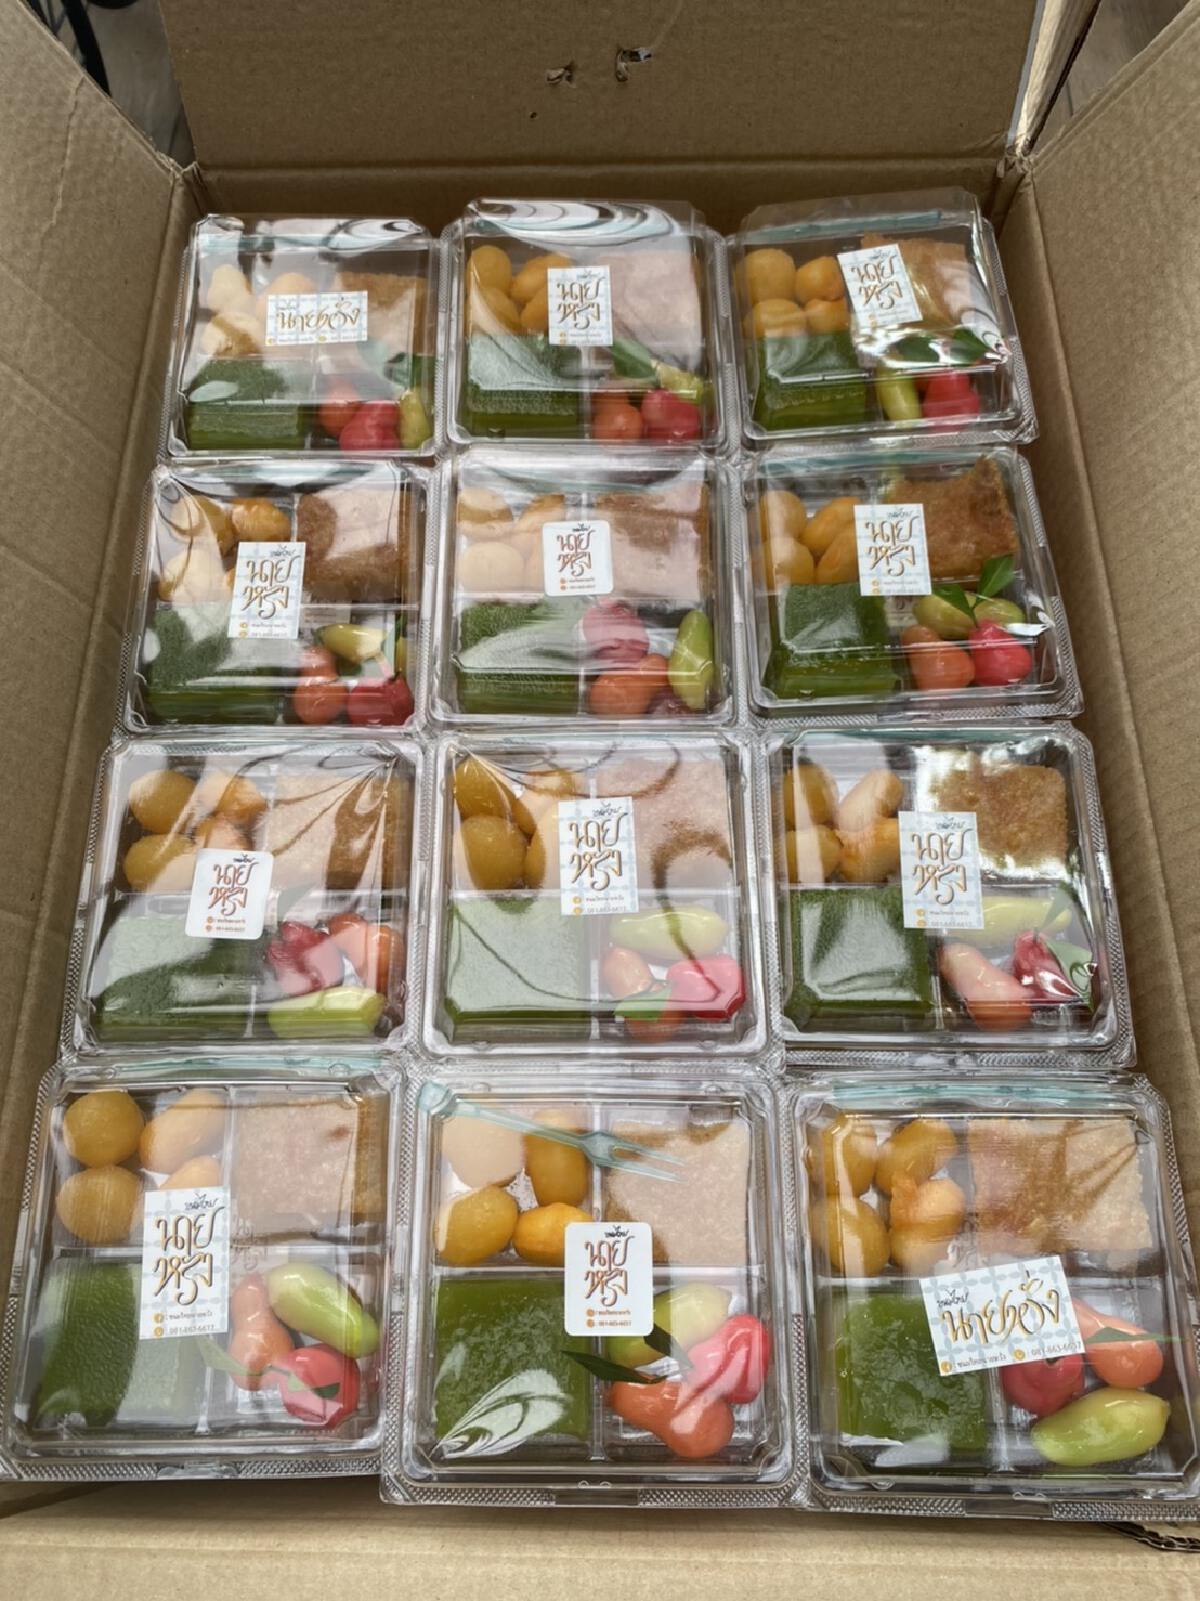 เก้า จิรายุ-คุณแม่ ส่งขนมและน้ำกว่า 1,000 ชุด ให้กับโรงพยาบาลสนาม